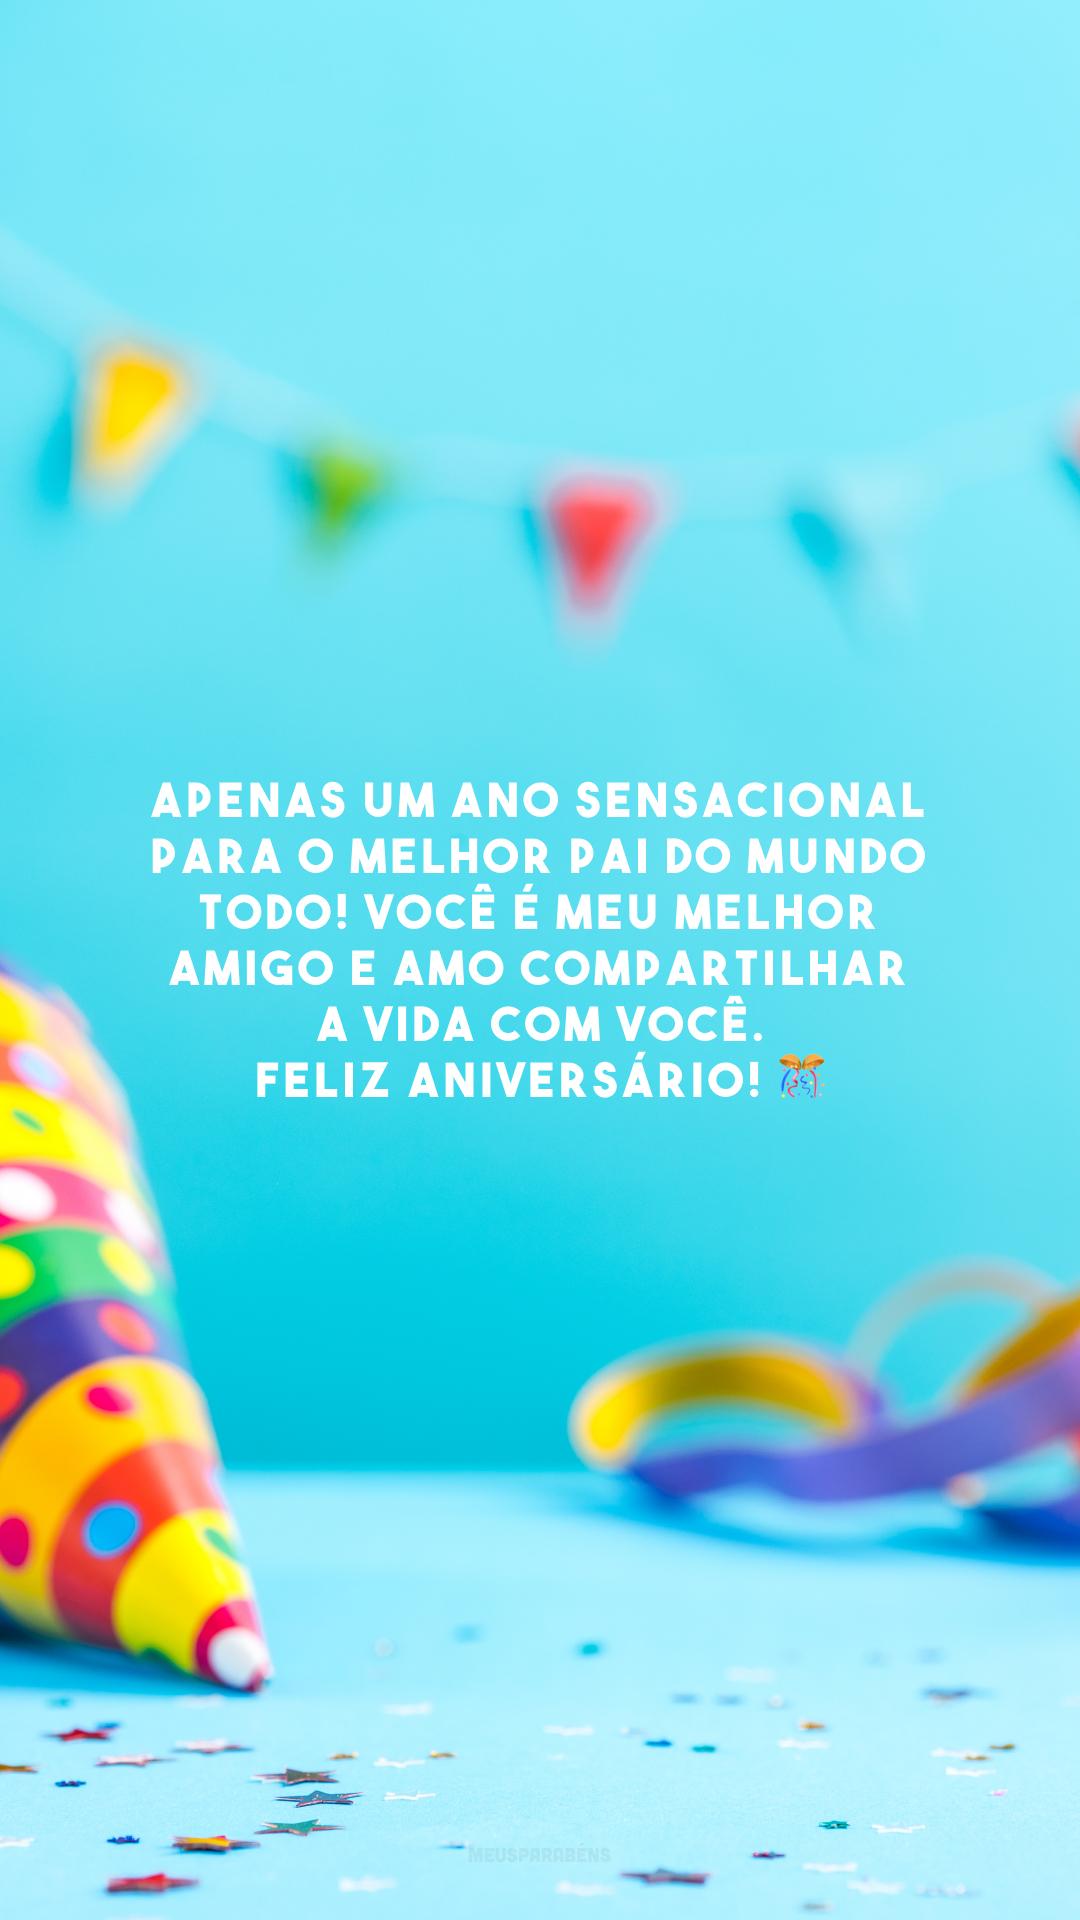 Apenas um ano sensacional para o melhor pai do mundo todo! Você é meu melhor amigo e amo compartilhar a vida com você. Feliz aniversário! 🎊